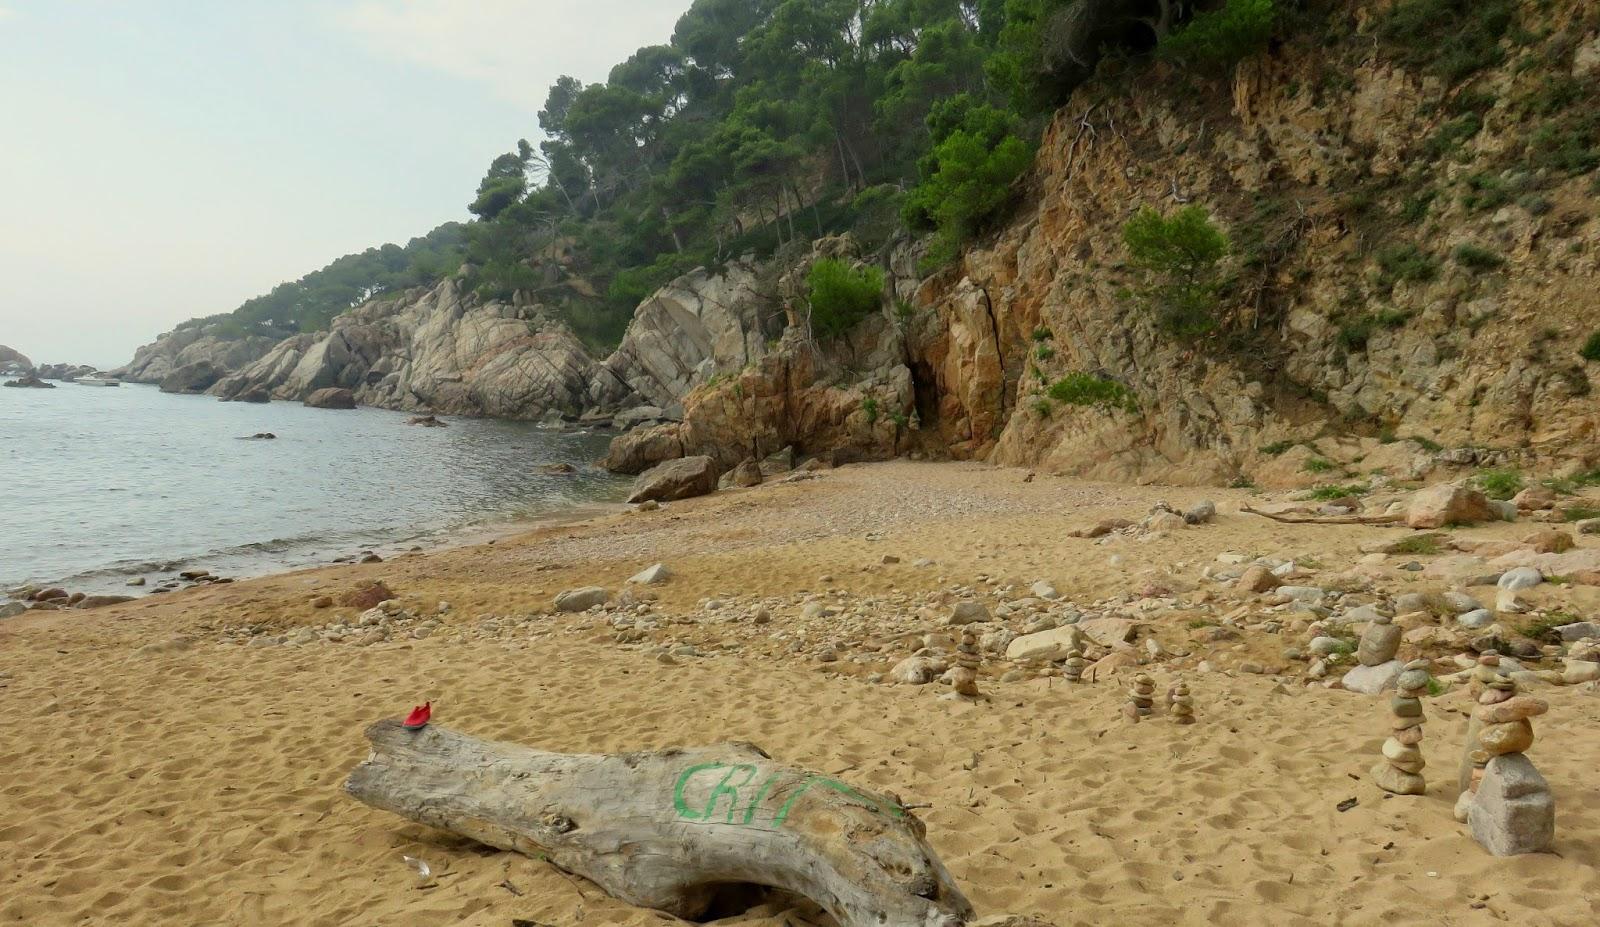 calA crit, calella de palafrugell,  cami de ronda, playa del castell